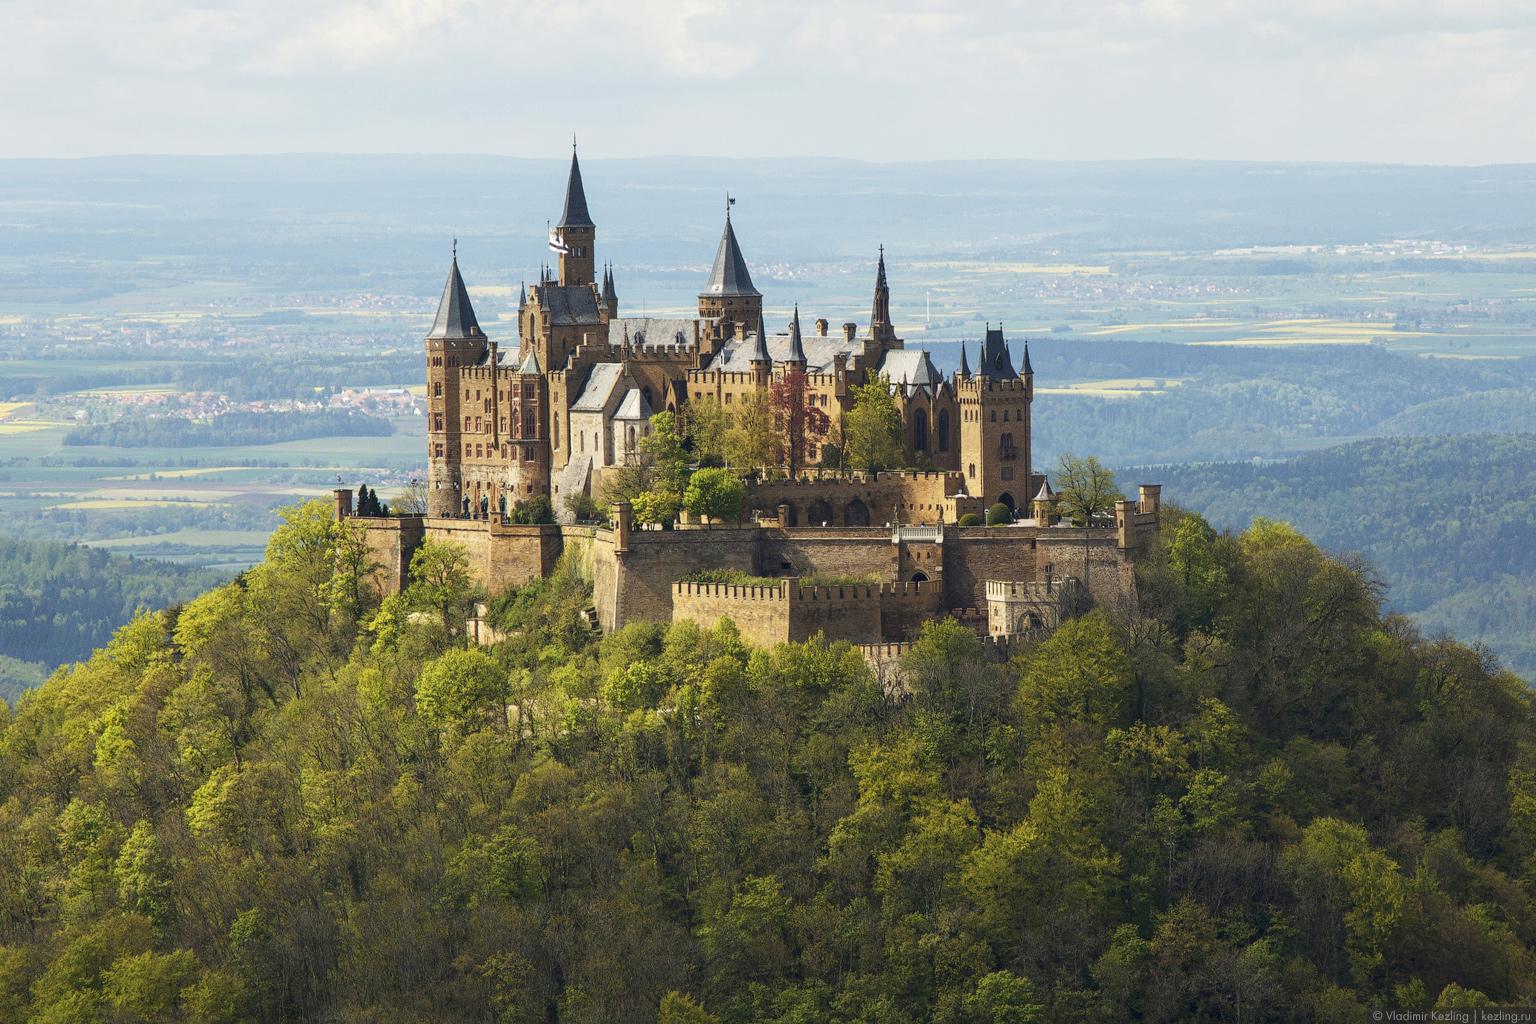 В краю замков и сказок. Сказочные замки династии Гогенцоллернов